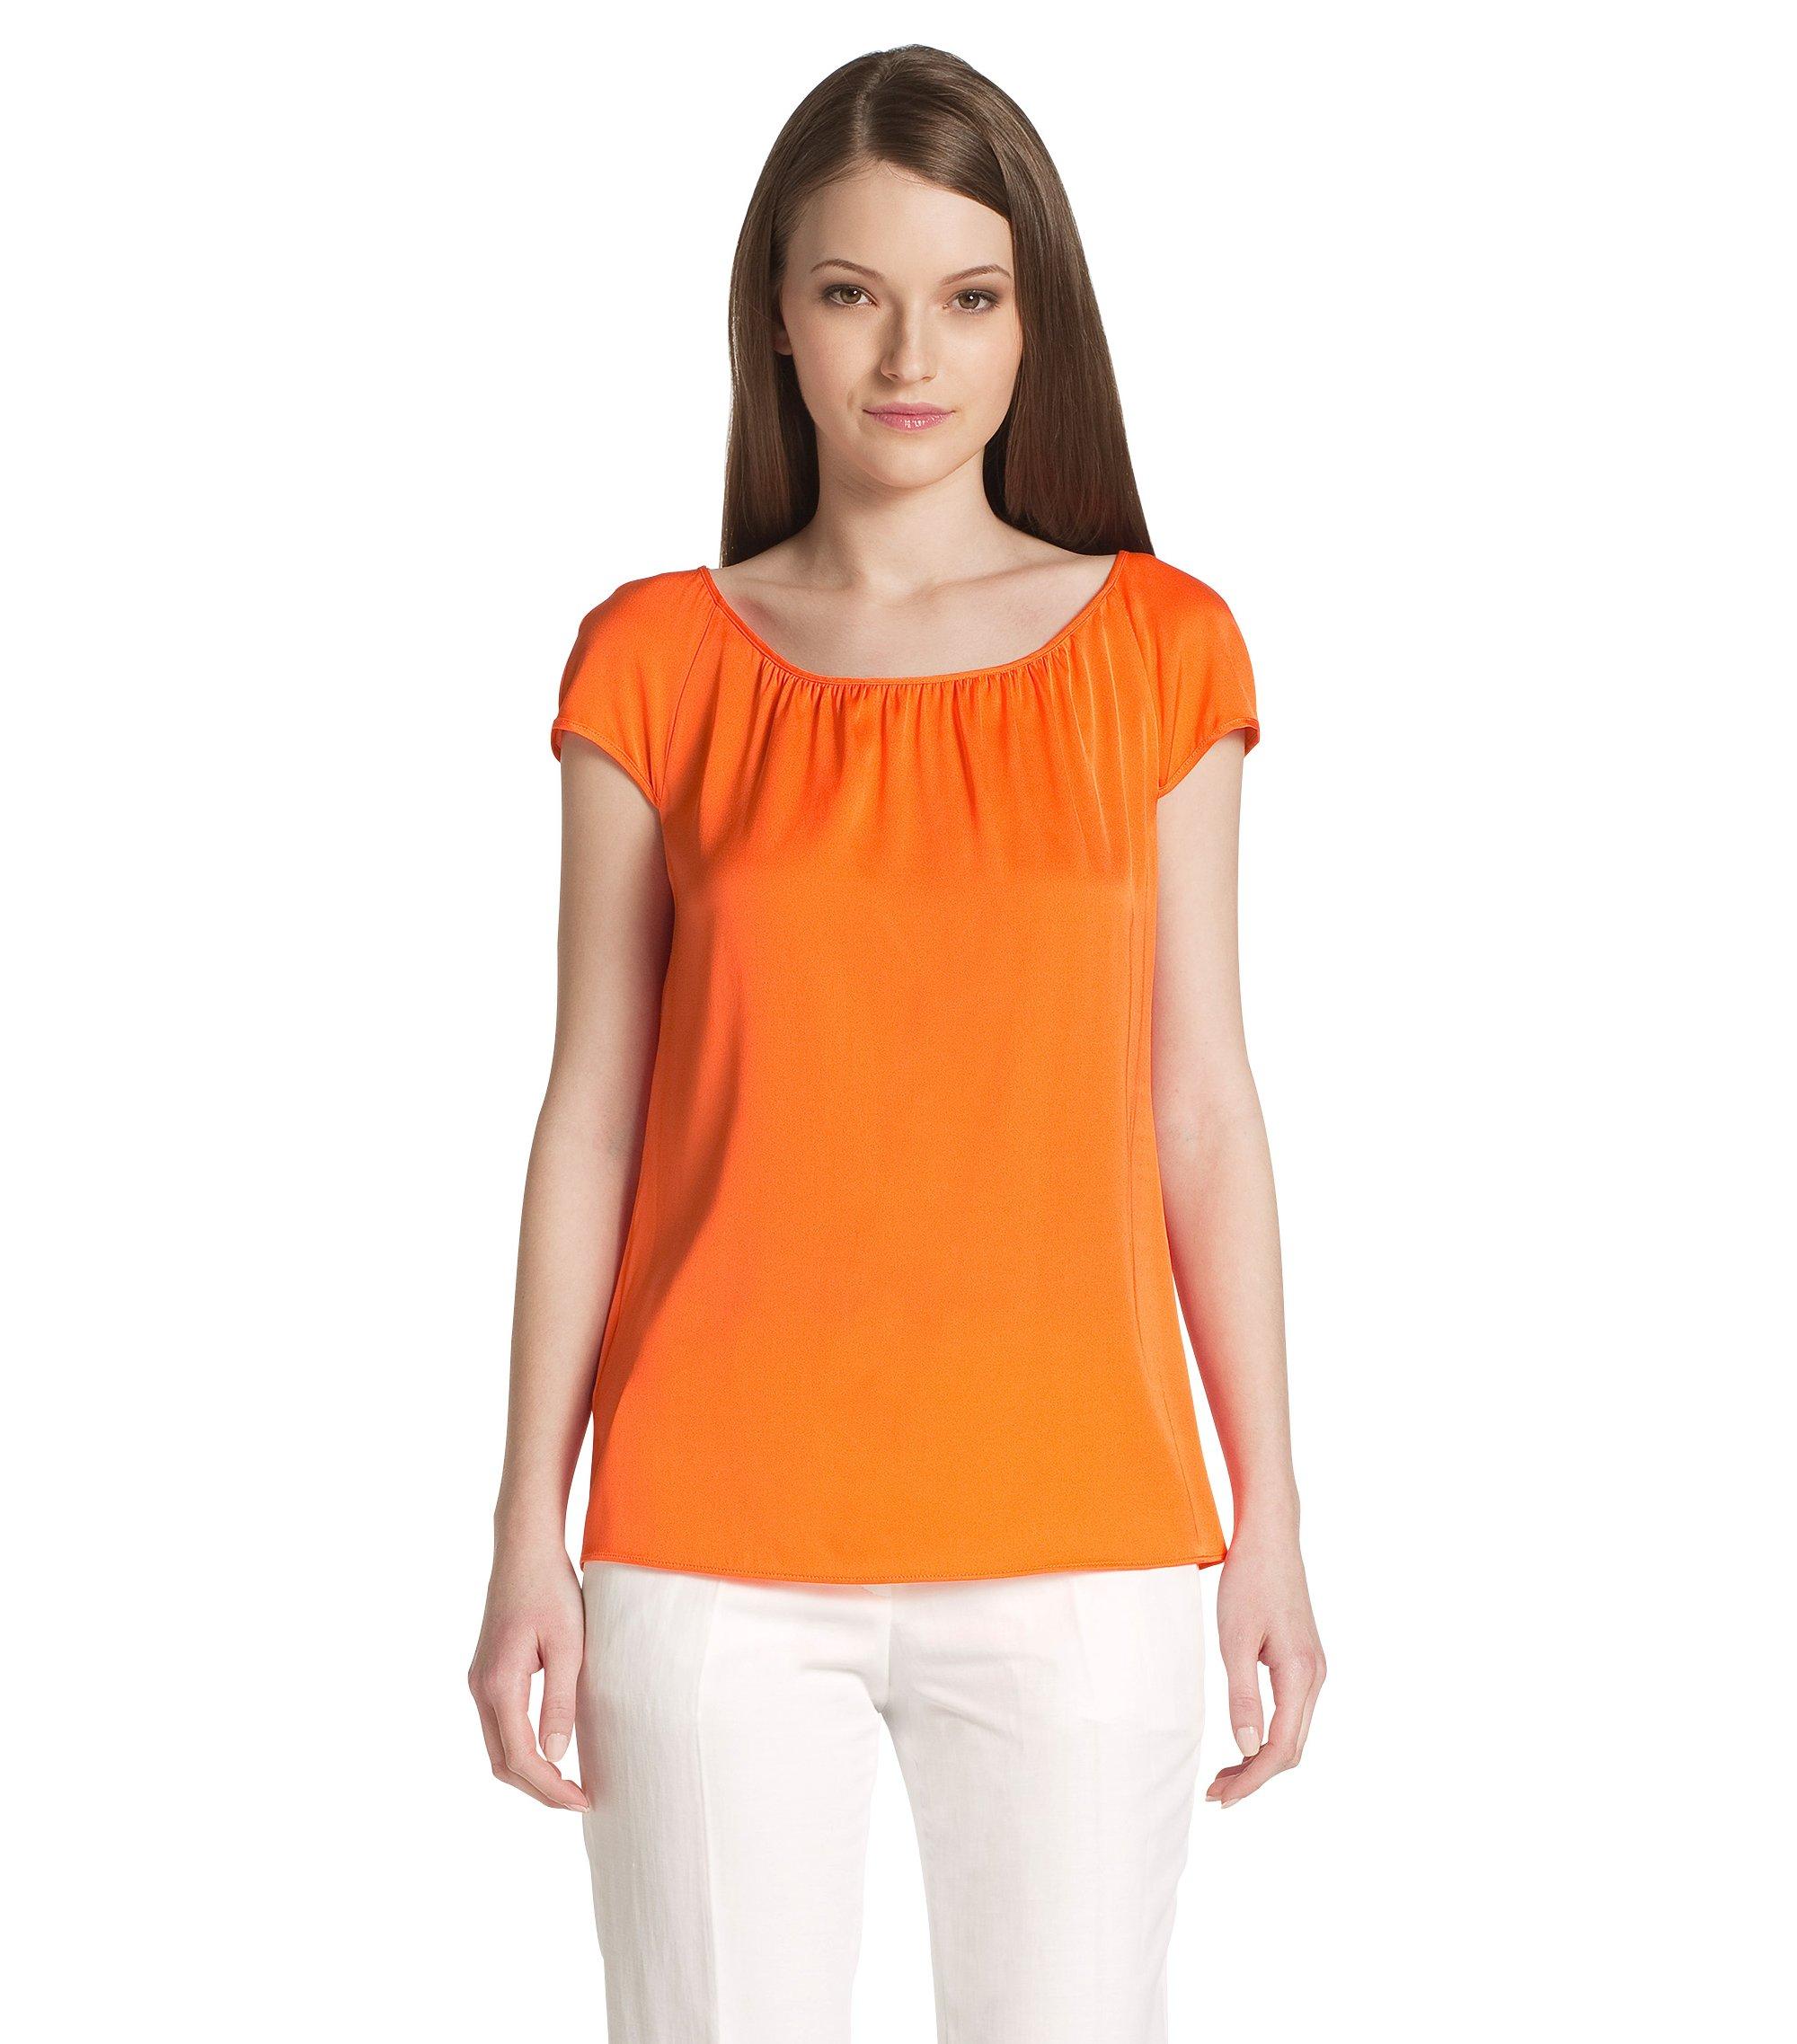 Top en soie mélangée, Catoni-1, Orange